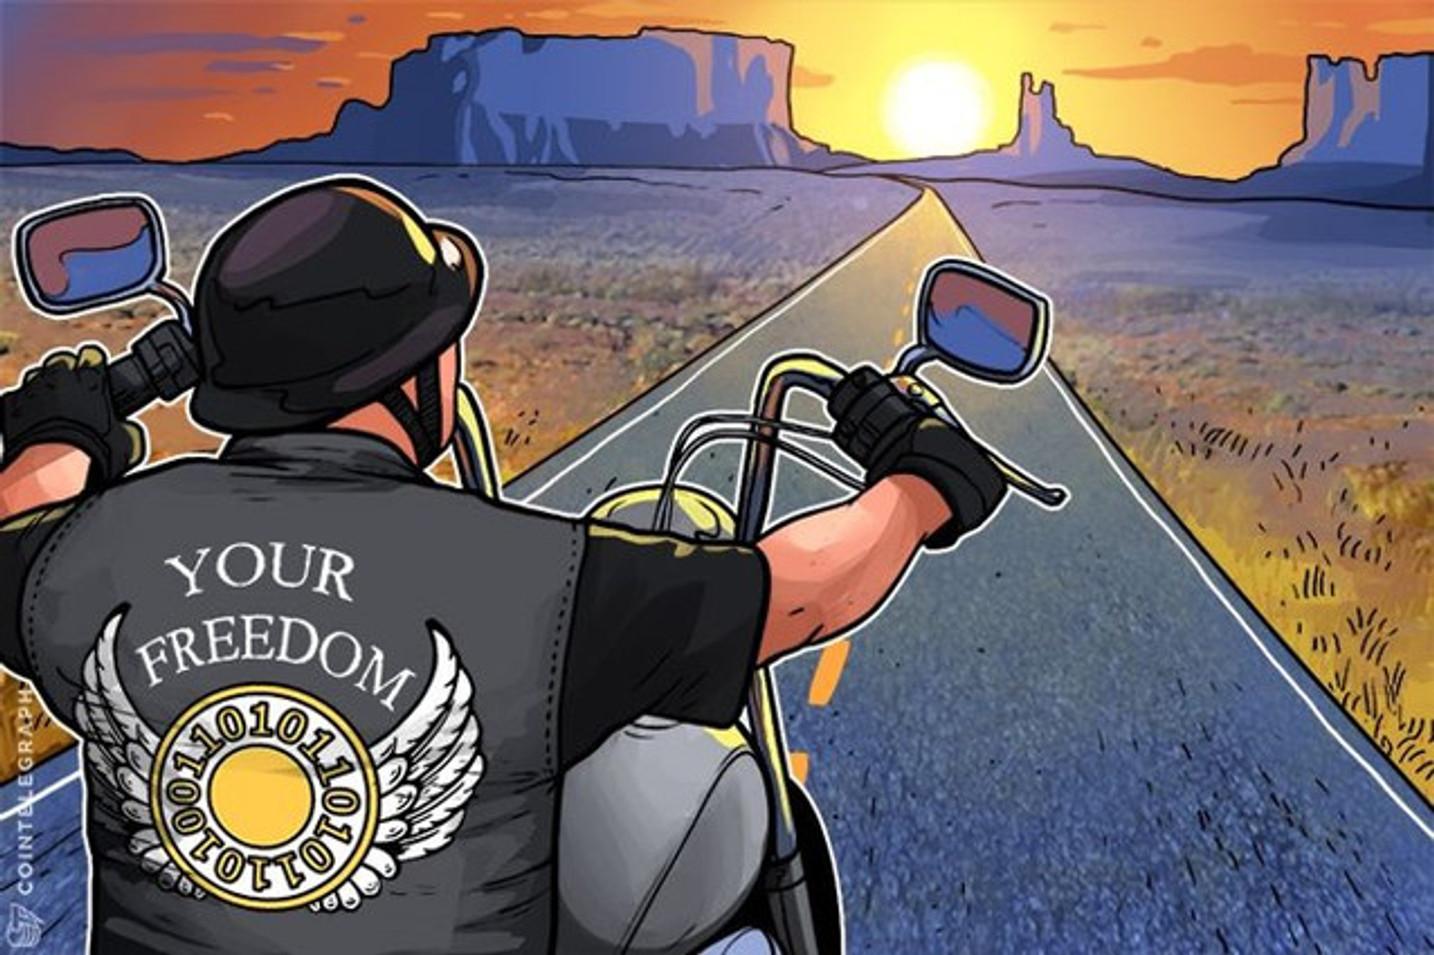 Empresa de motociclismo en España acepta criptomonedas como forma de pago